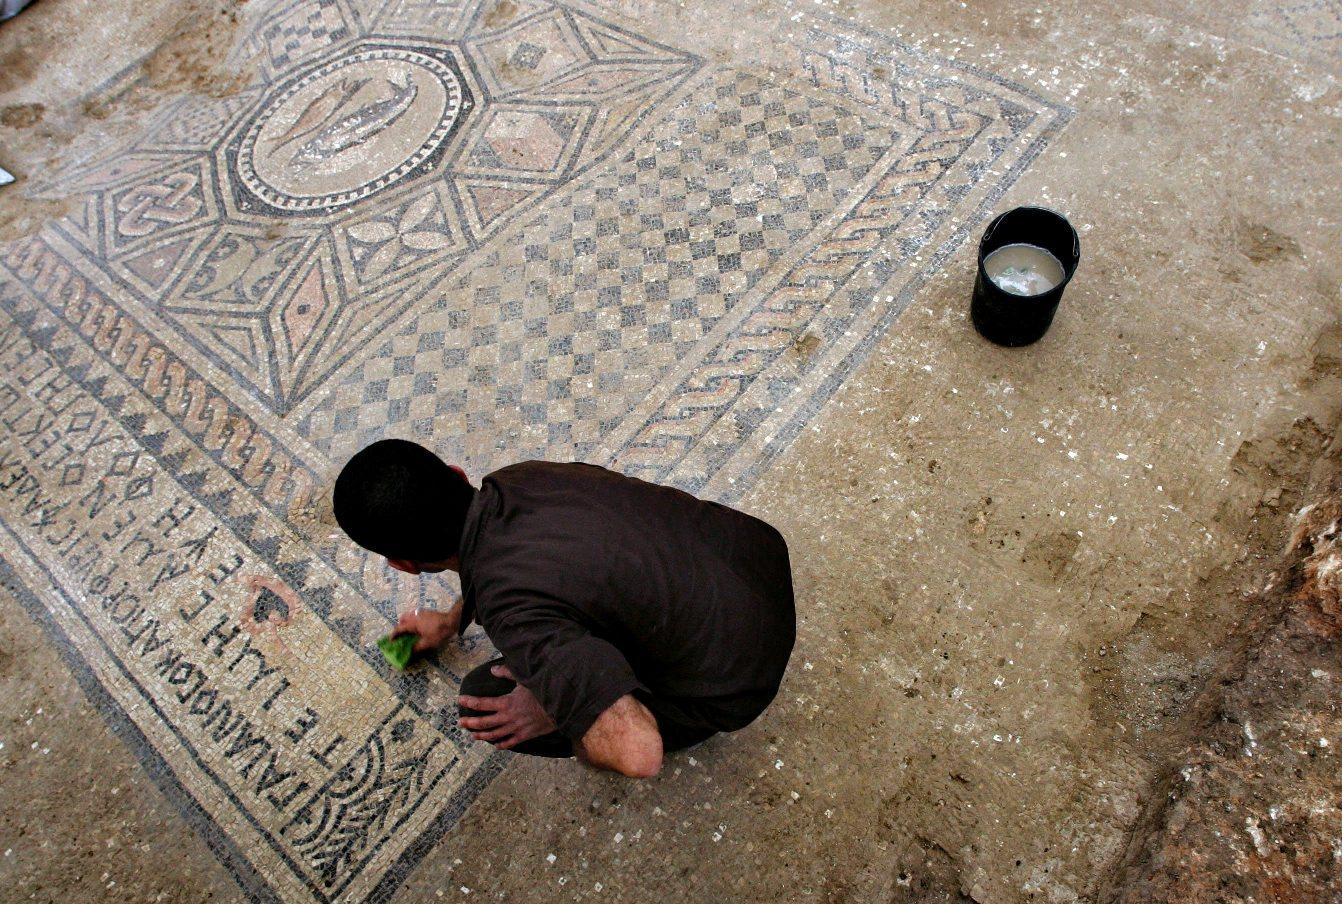 Zatvorenik čisti mozaik na arheološkom nalazištu ispod zatvora Megiddo